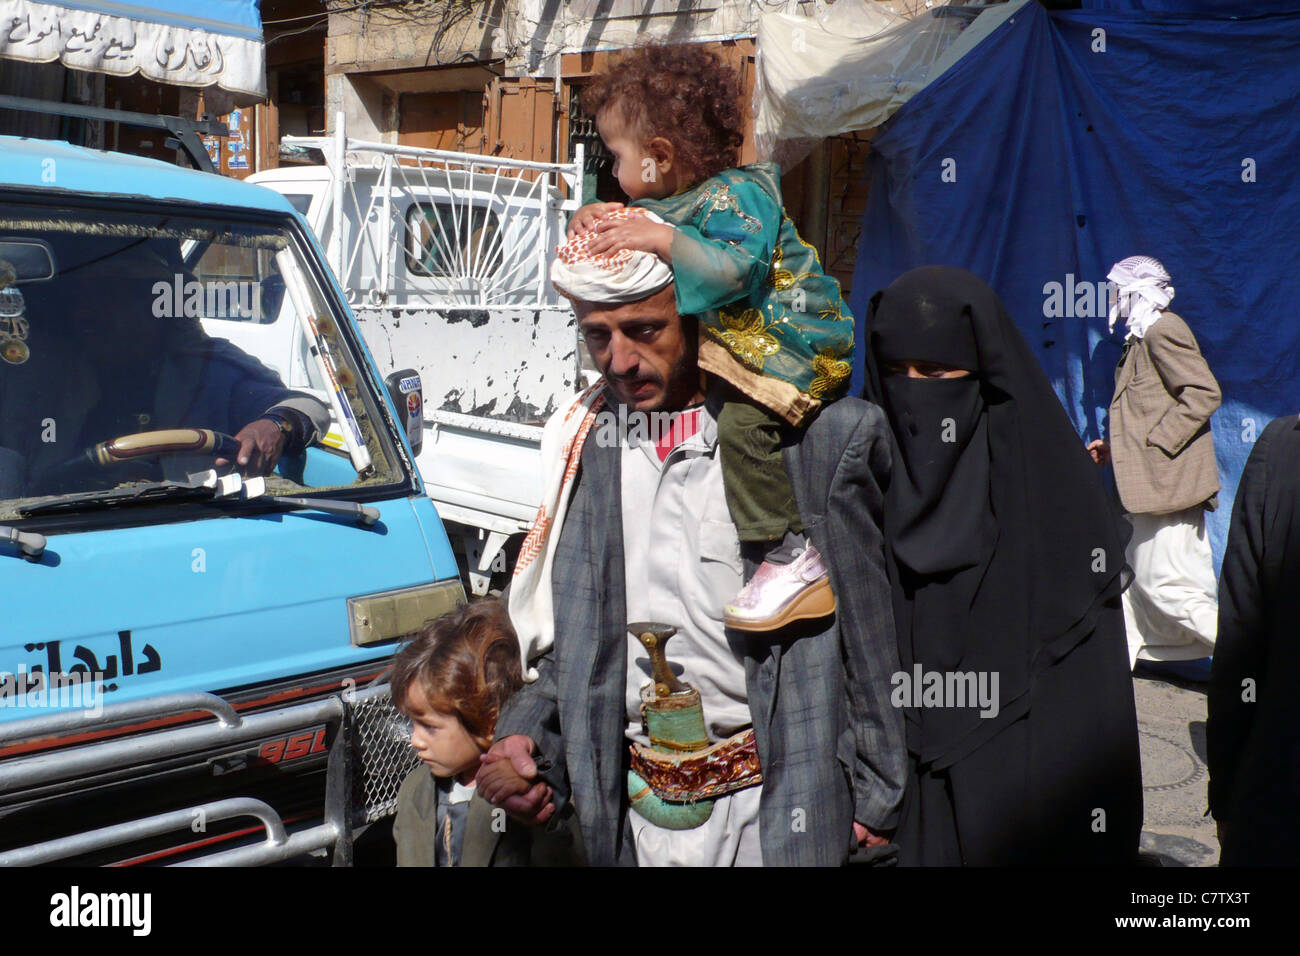 Yemen, Sana'a. Local family - Stock Image